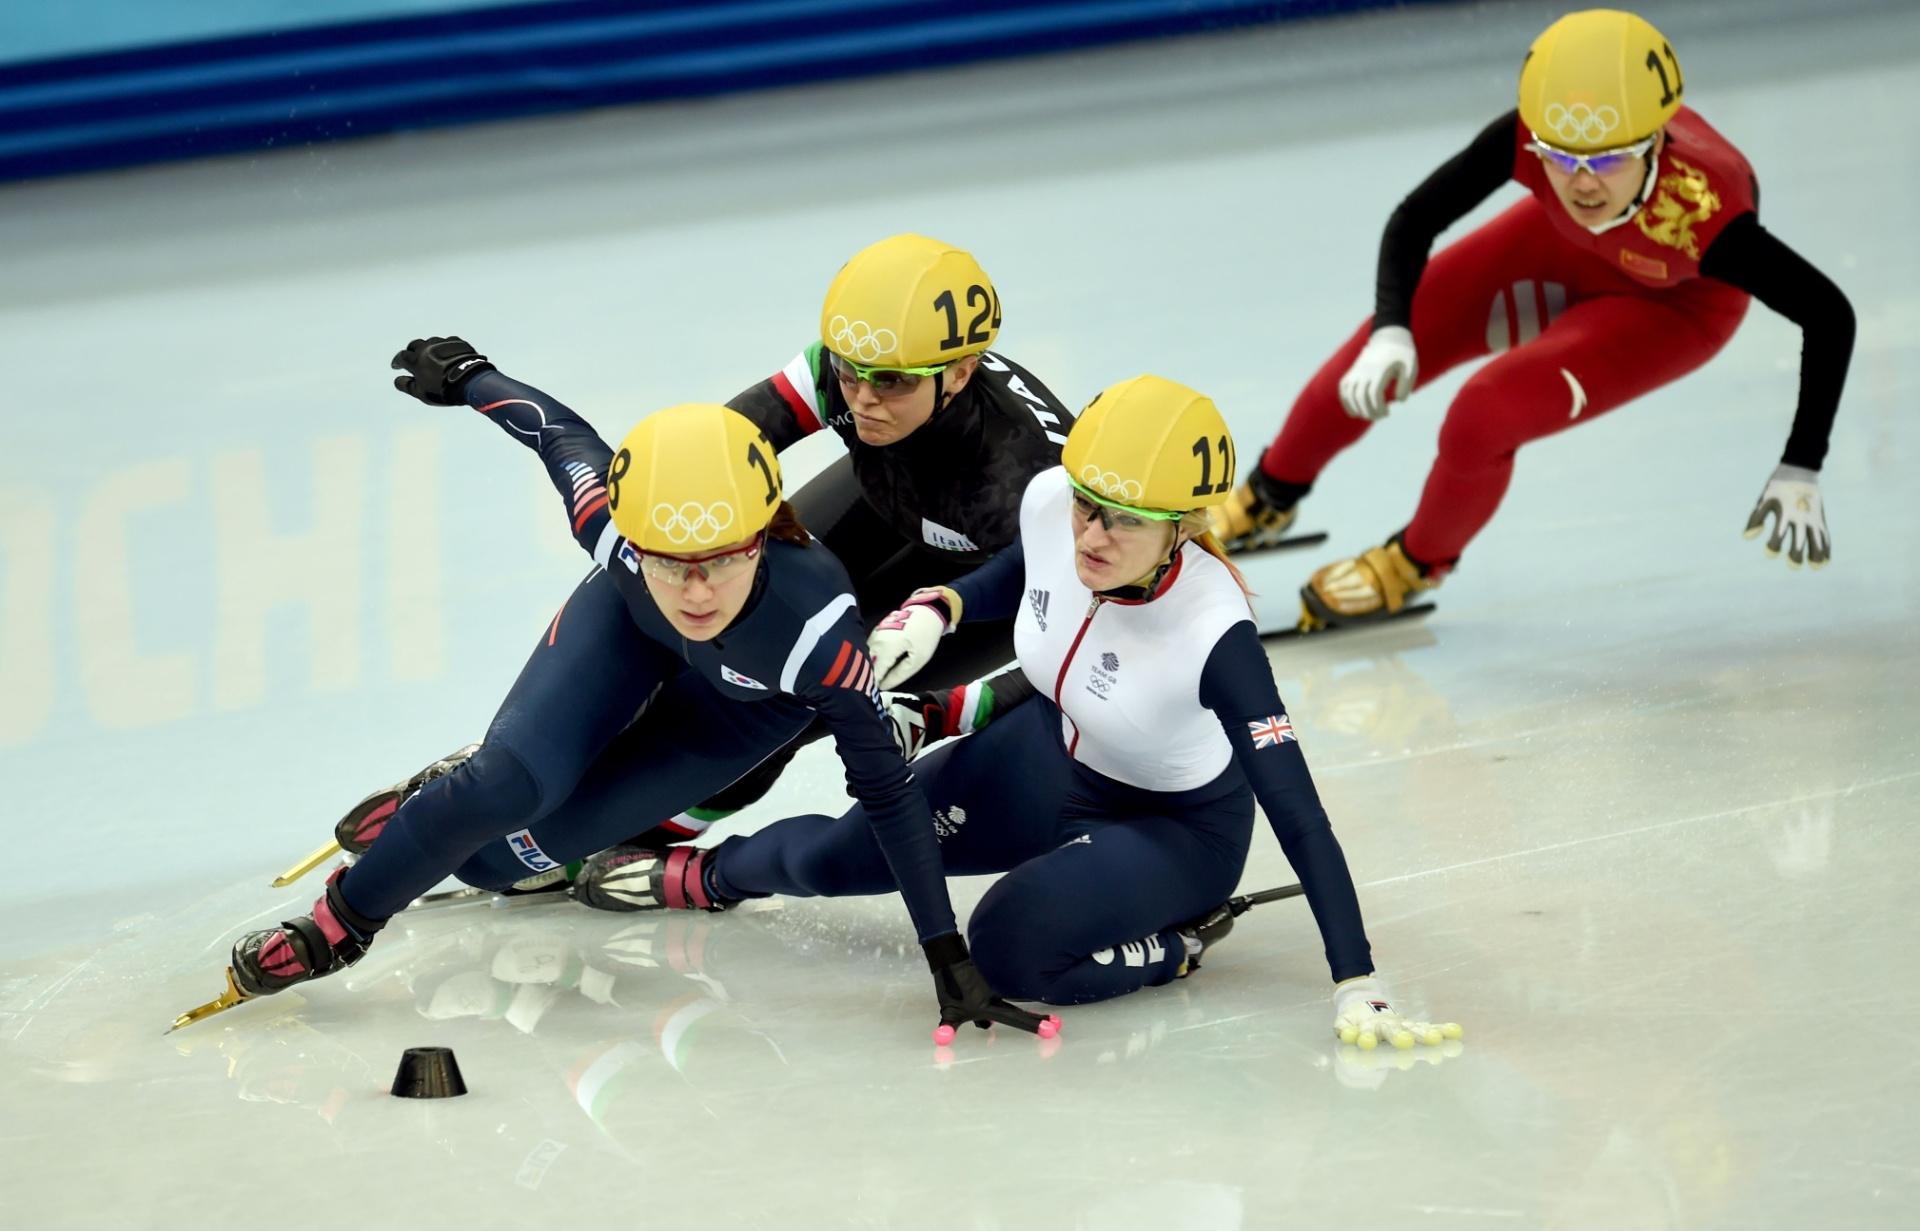 13.02.14 - Elise Christie, de branco, derruba as adversárias Park Seung-Hi (azul) e Arianna Fontana (preto); ela levou a prata na prova de patinação de velocidade em pista curta, mas acabou desclassificada.  A chinesa Li Jianrou saiu da quarta posição para conquistar o ouro após a queda das rivais